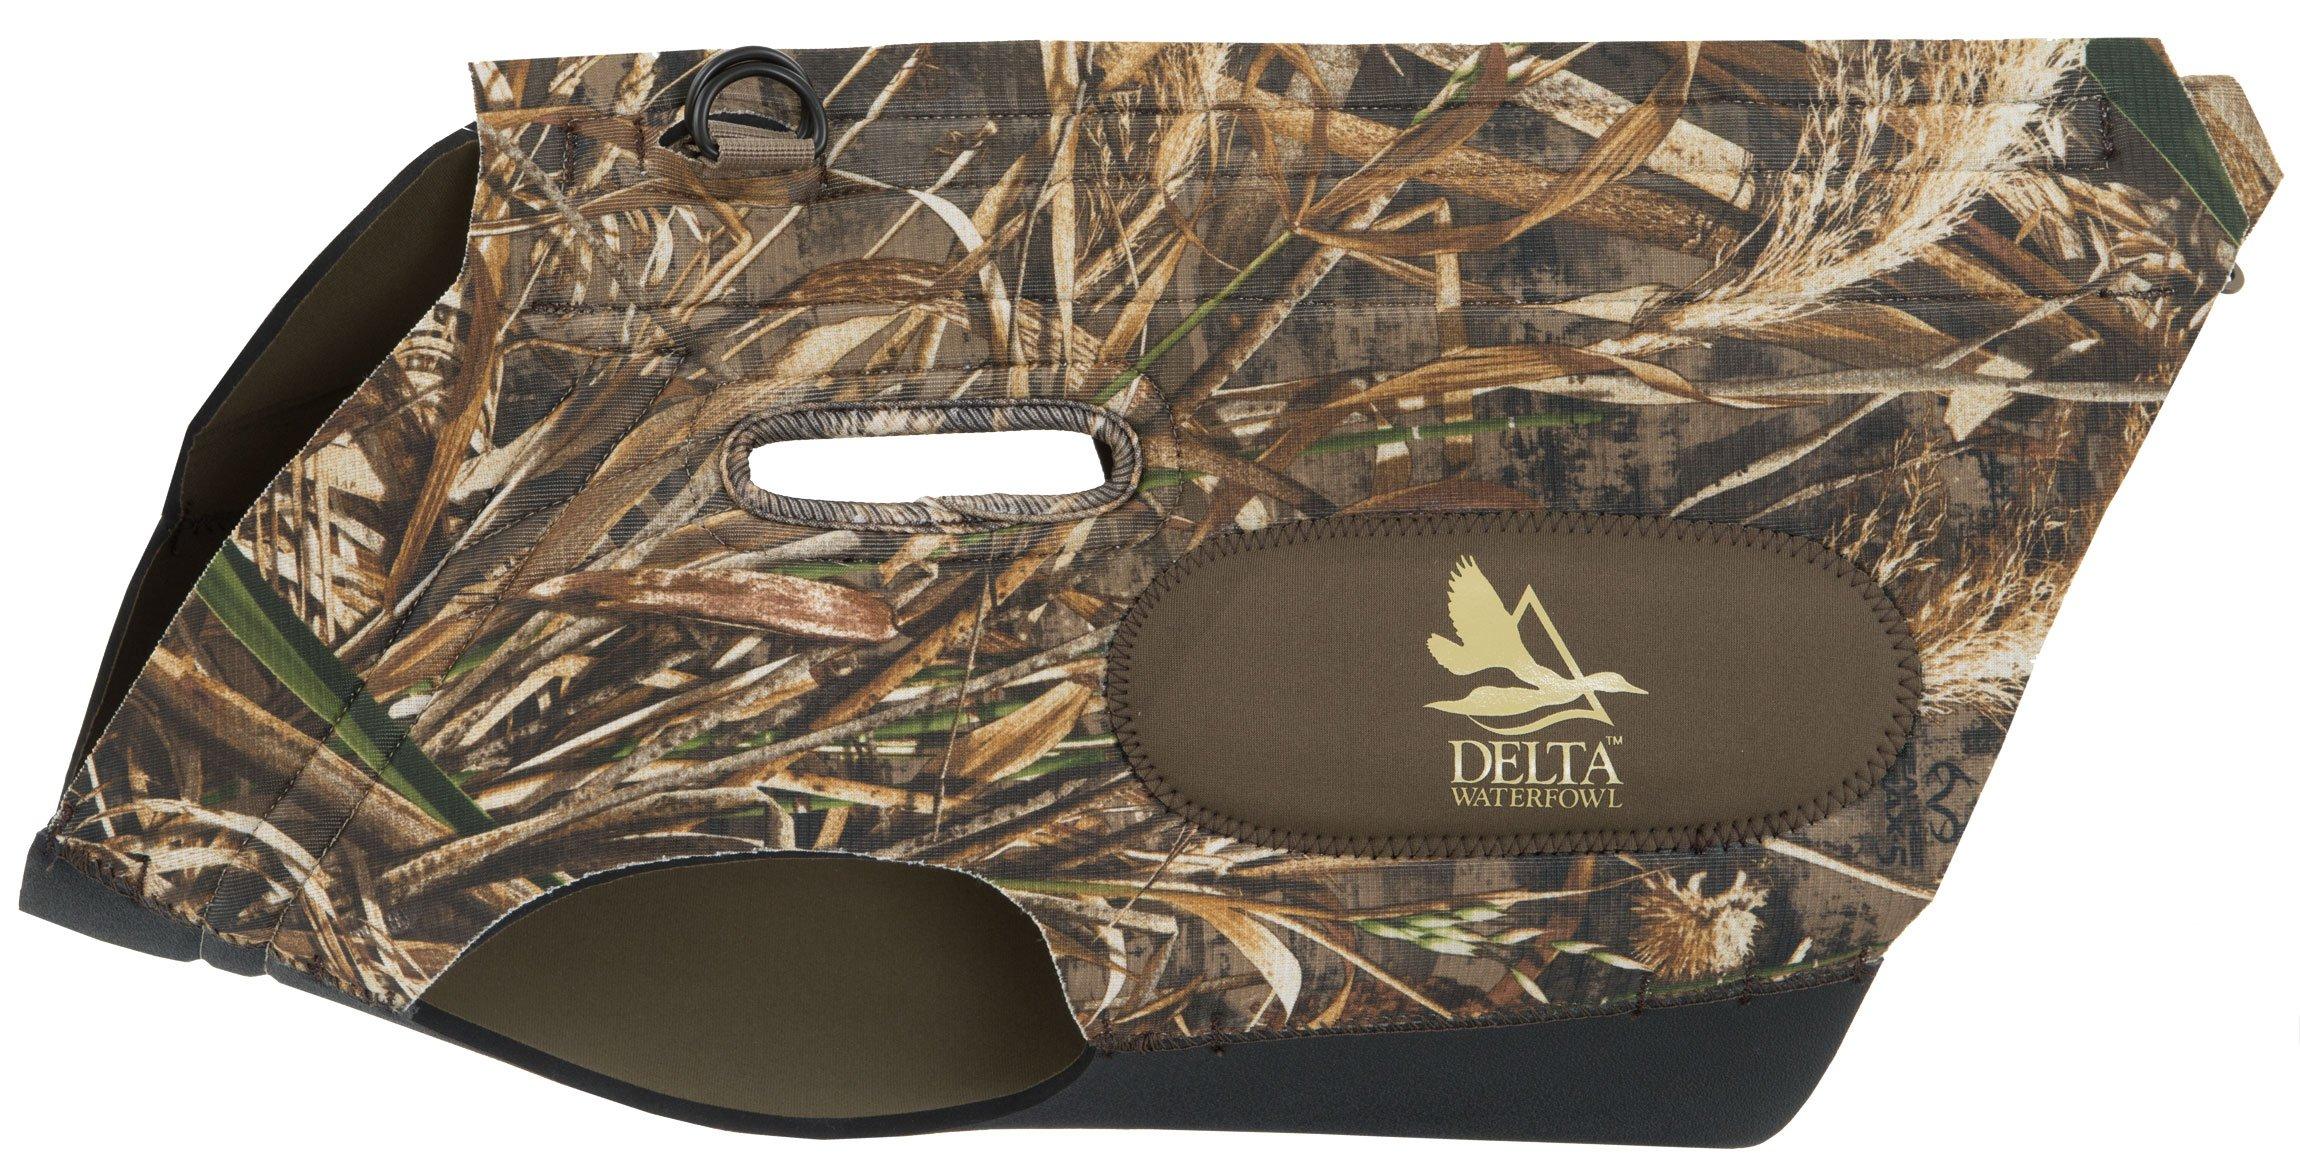 ALPS OutdoorZ Delta Waterfowl Dog Vest, Medium by ALPS OutdoorZ